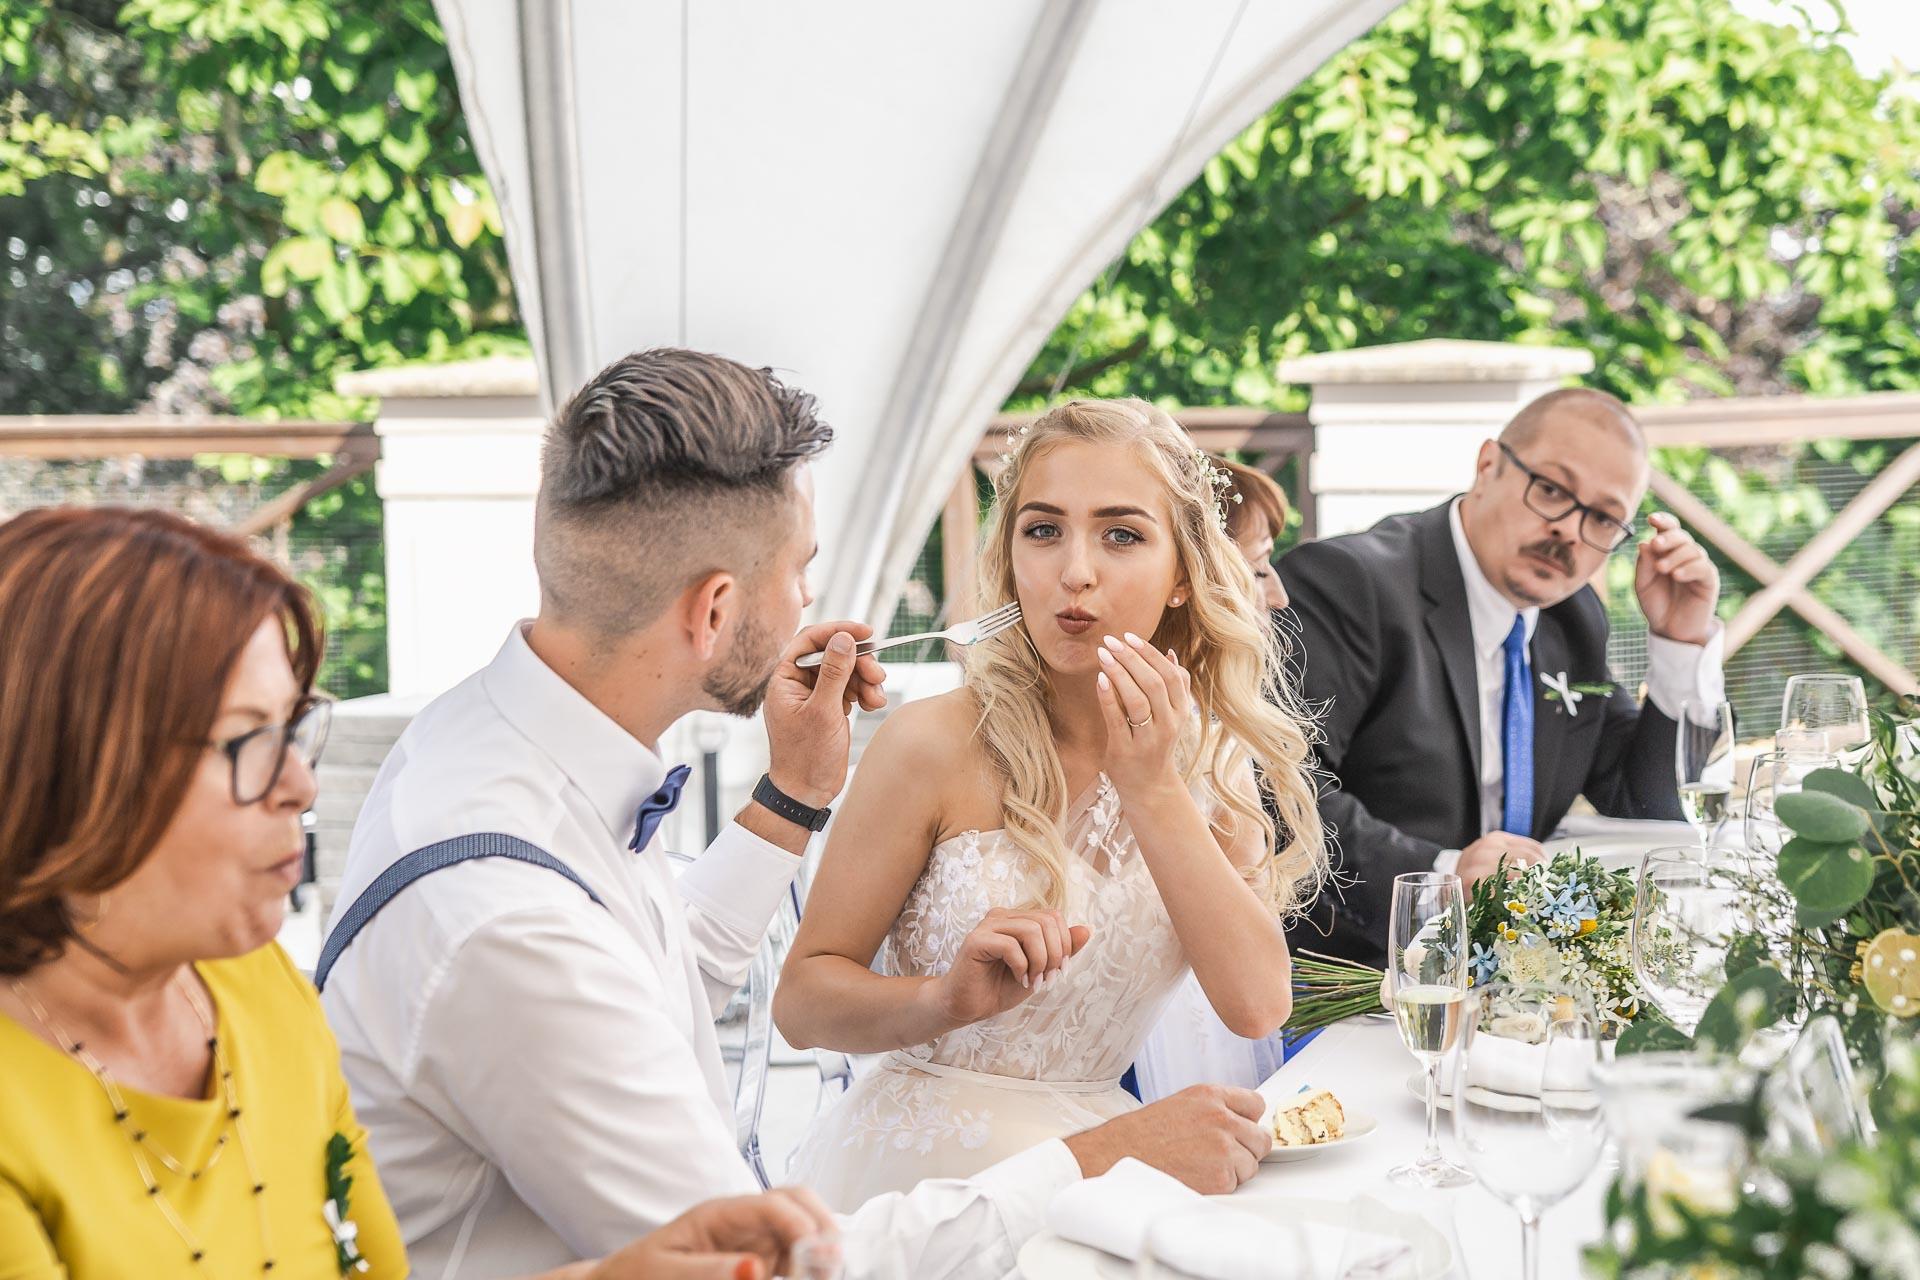 svatební-fotograf-zámek-Loučeň-svatební-video-zámek-Loučeň-4443